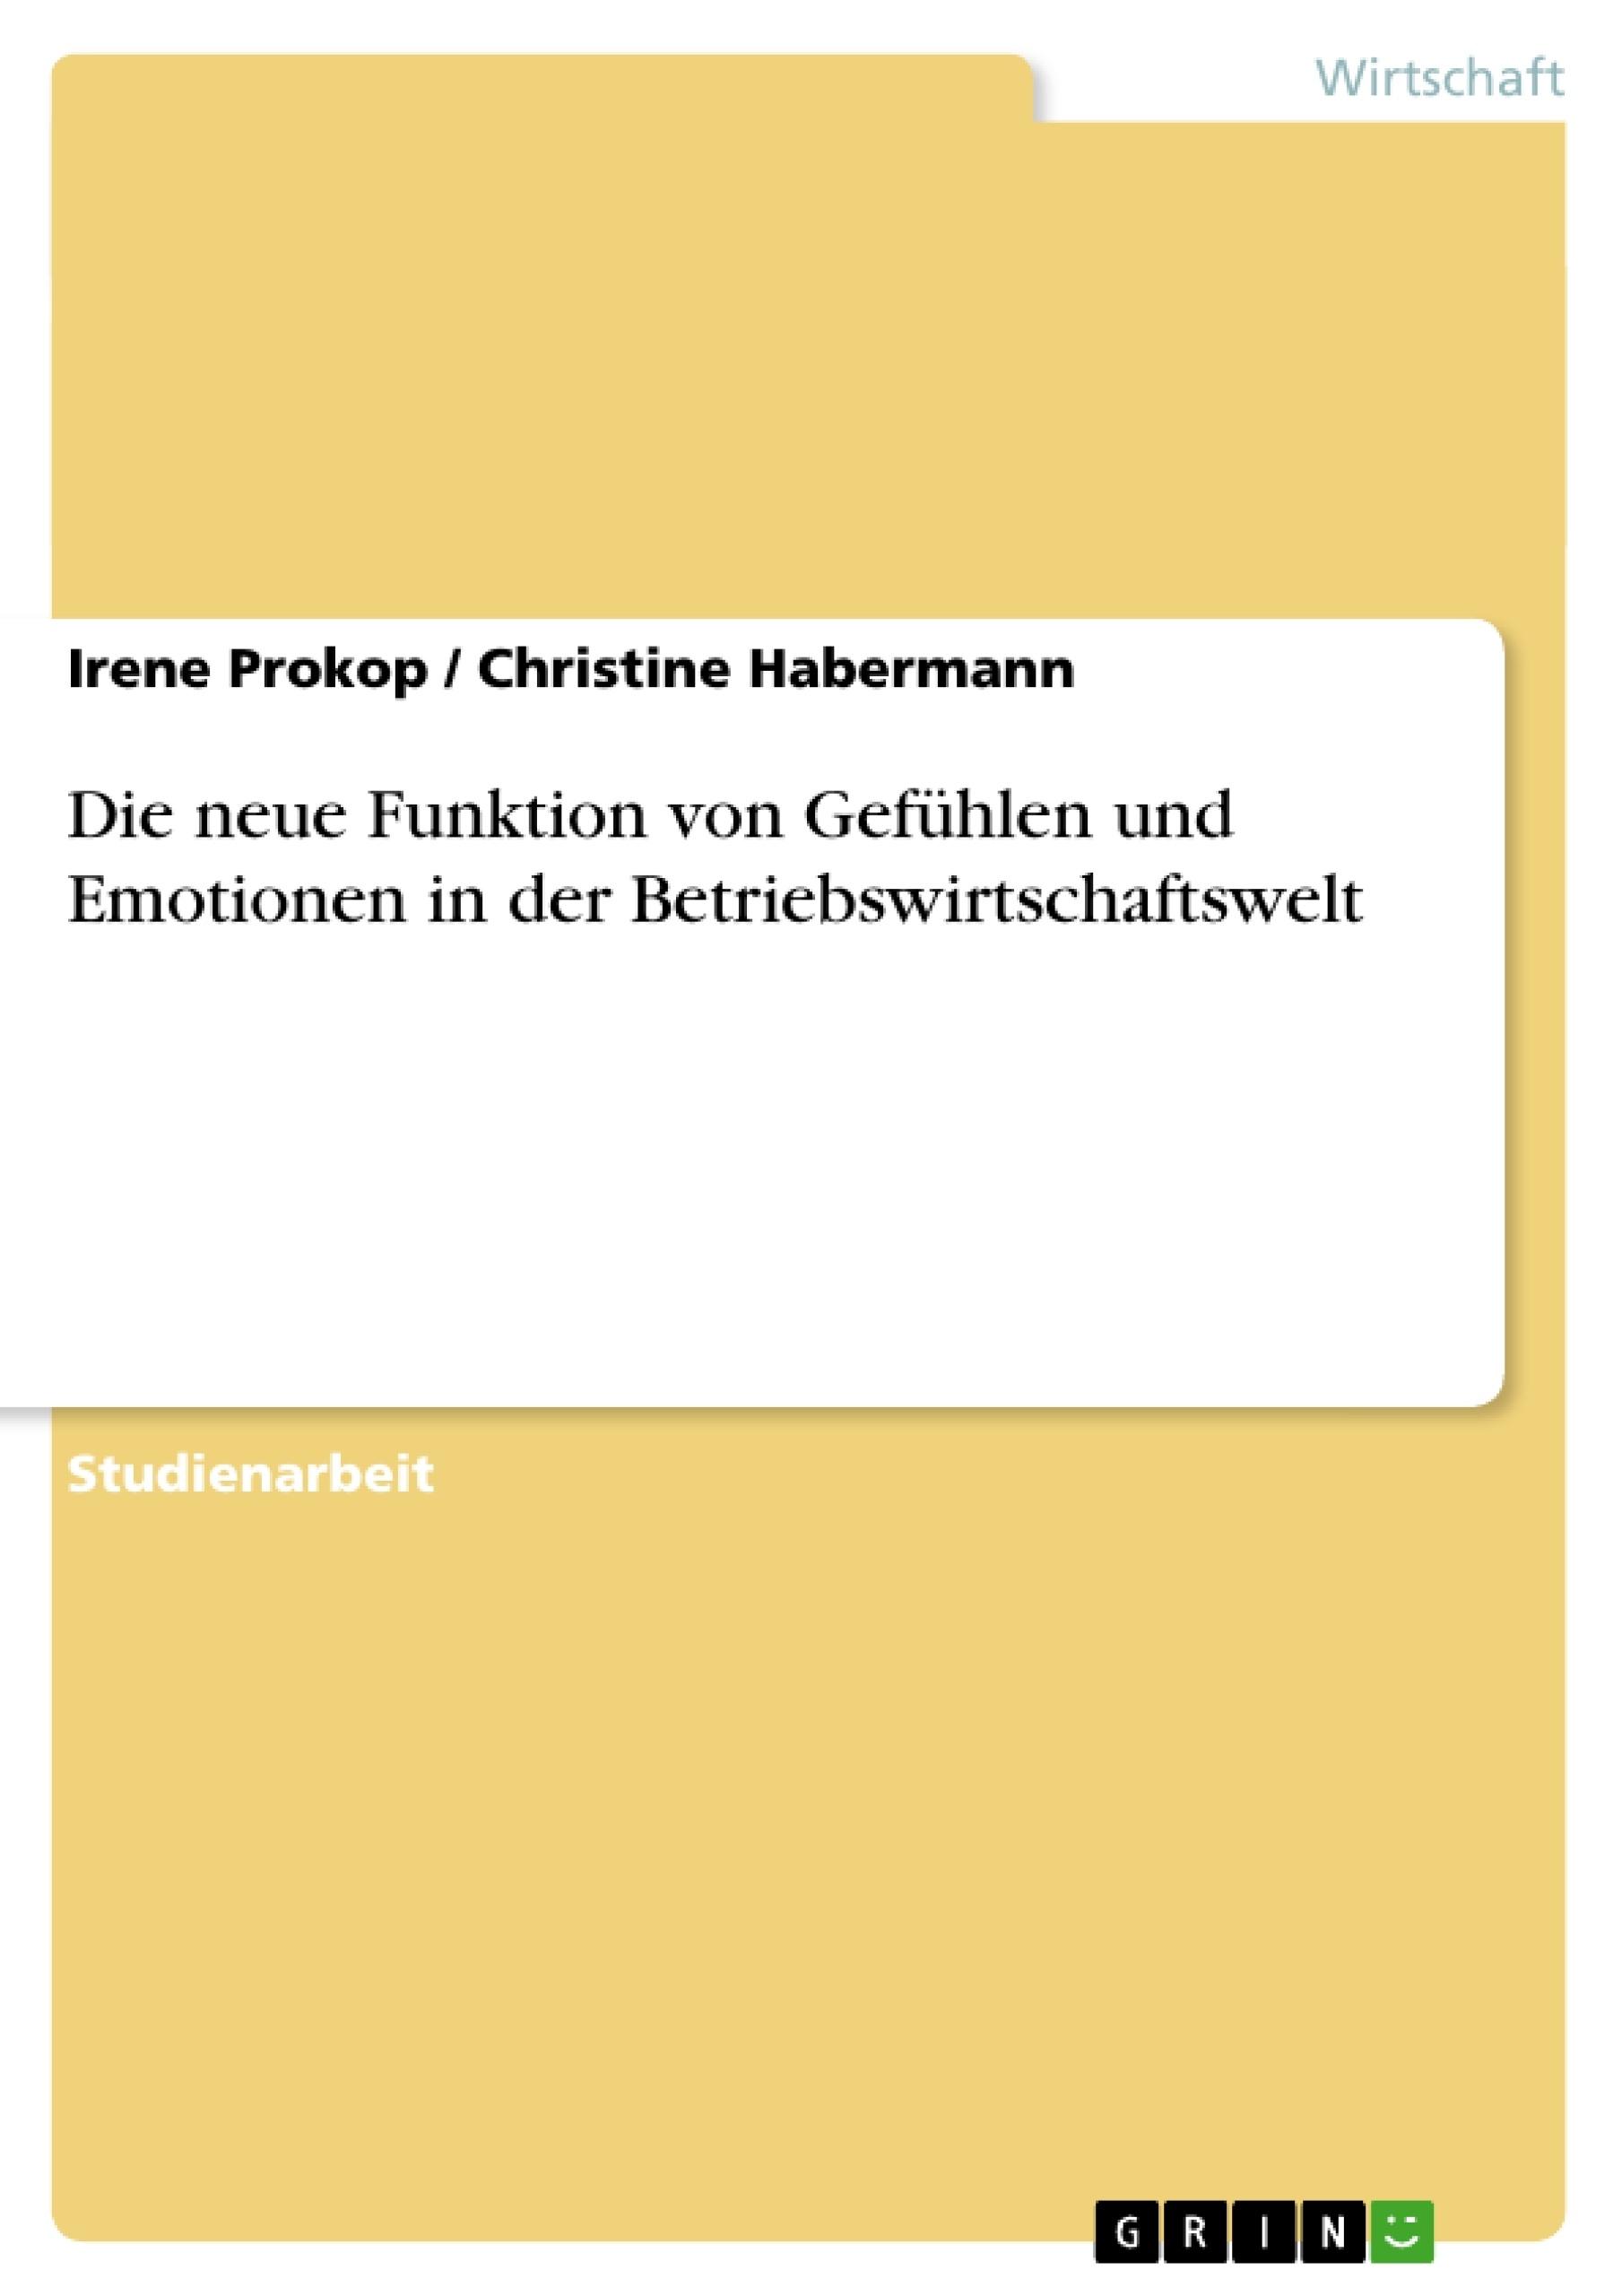 Titel: Die neue Funktion von Gefühlen und  Emotionen in der Betriebswirtschaftswelt